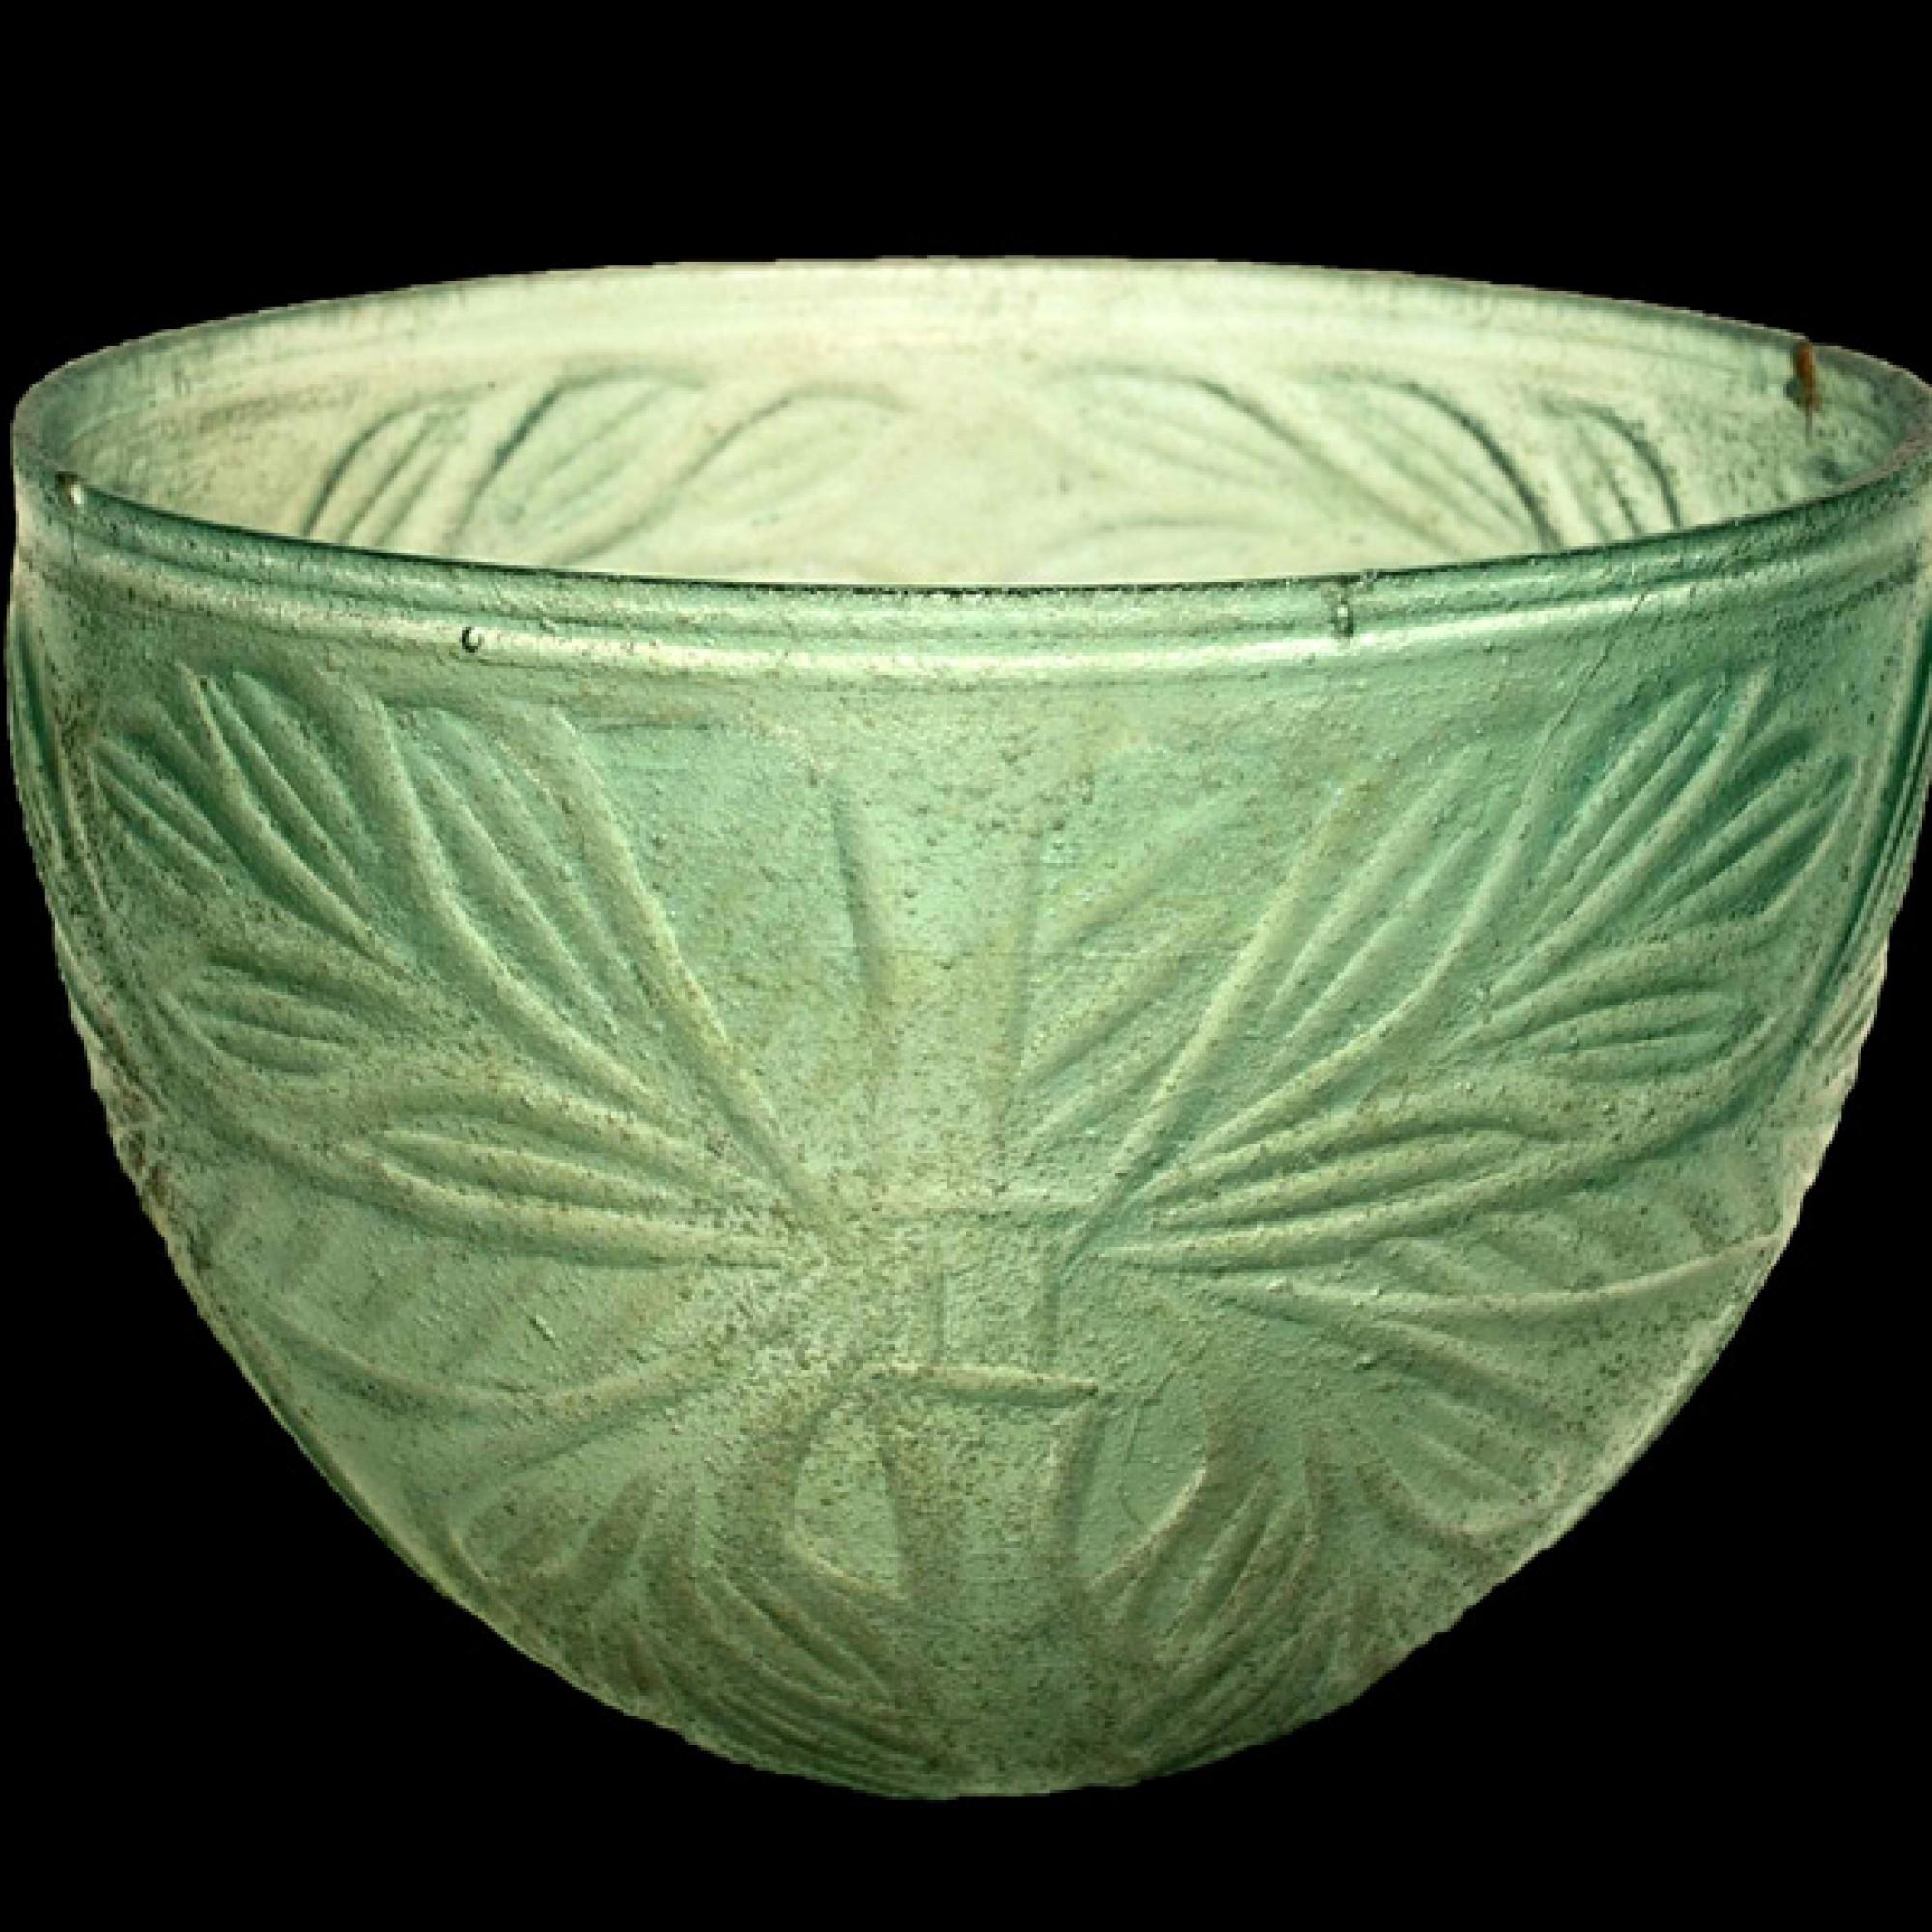 Glaschale mit Ornamenten aus Olivenzweigen. (K. Xenikakis, Nationales Archäologie-Museum Athen)